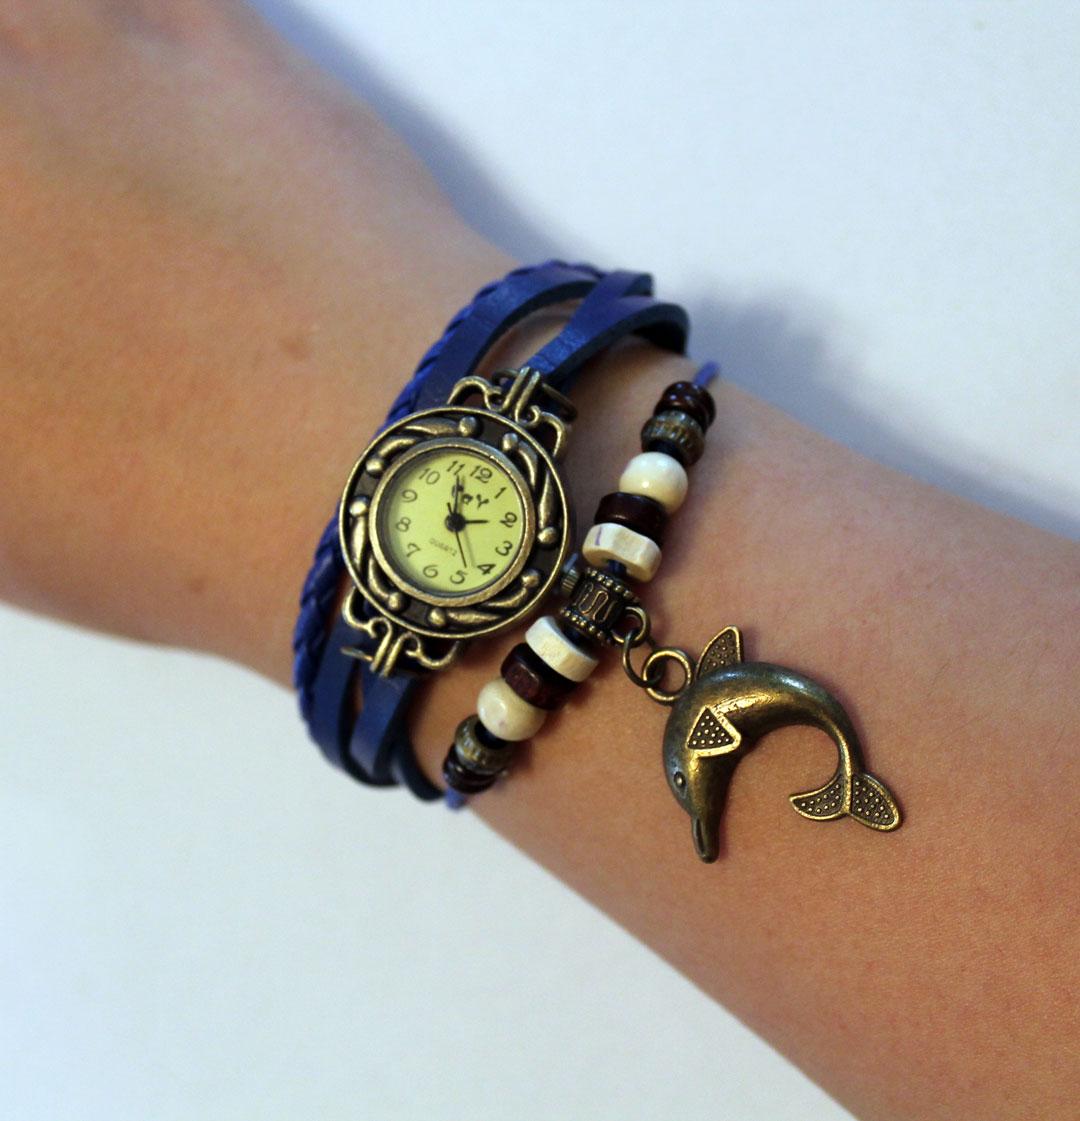 Ceas de mana cu bratari de piele albastre si decoratiuni